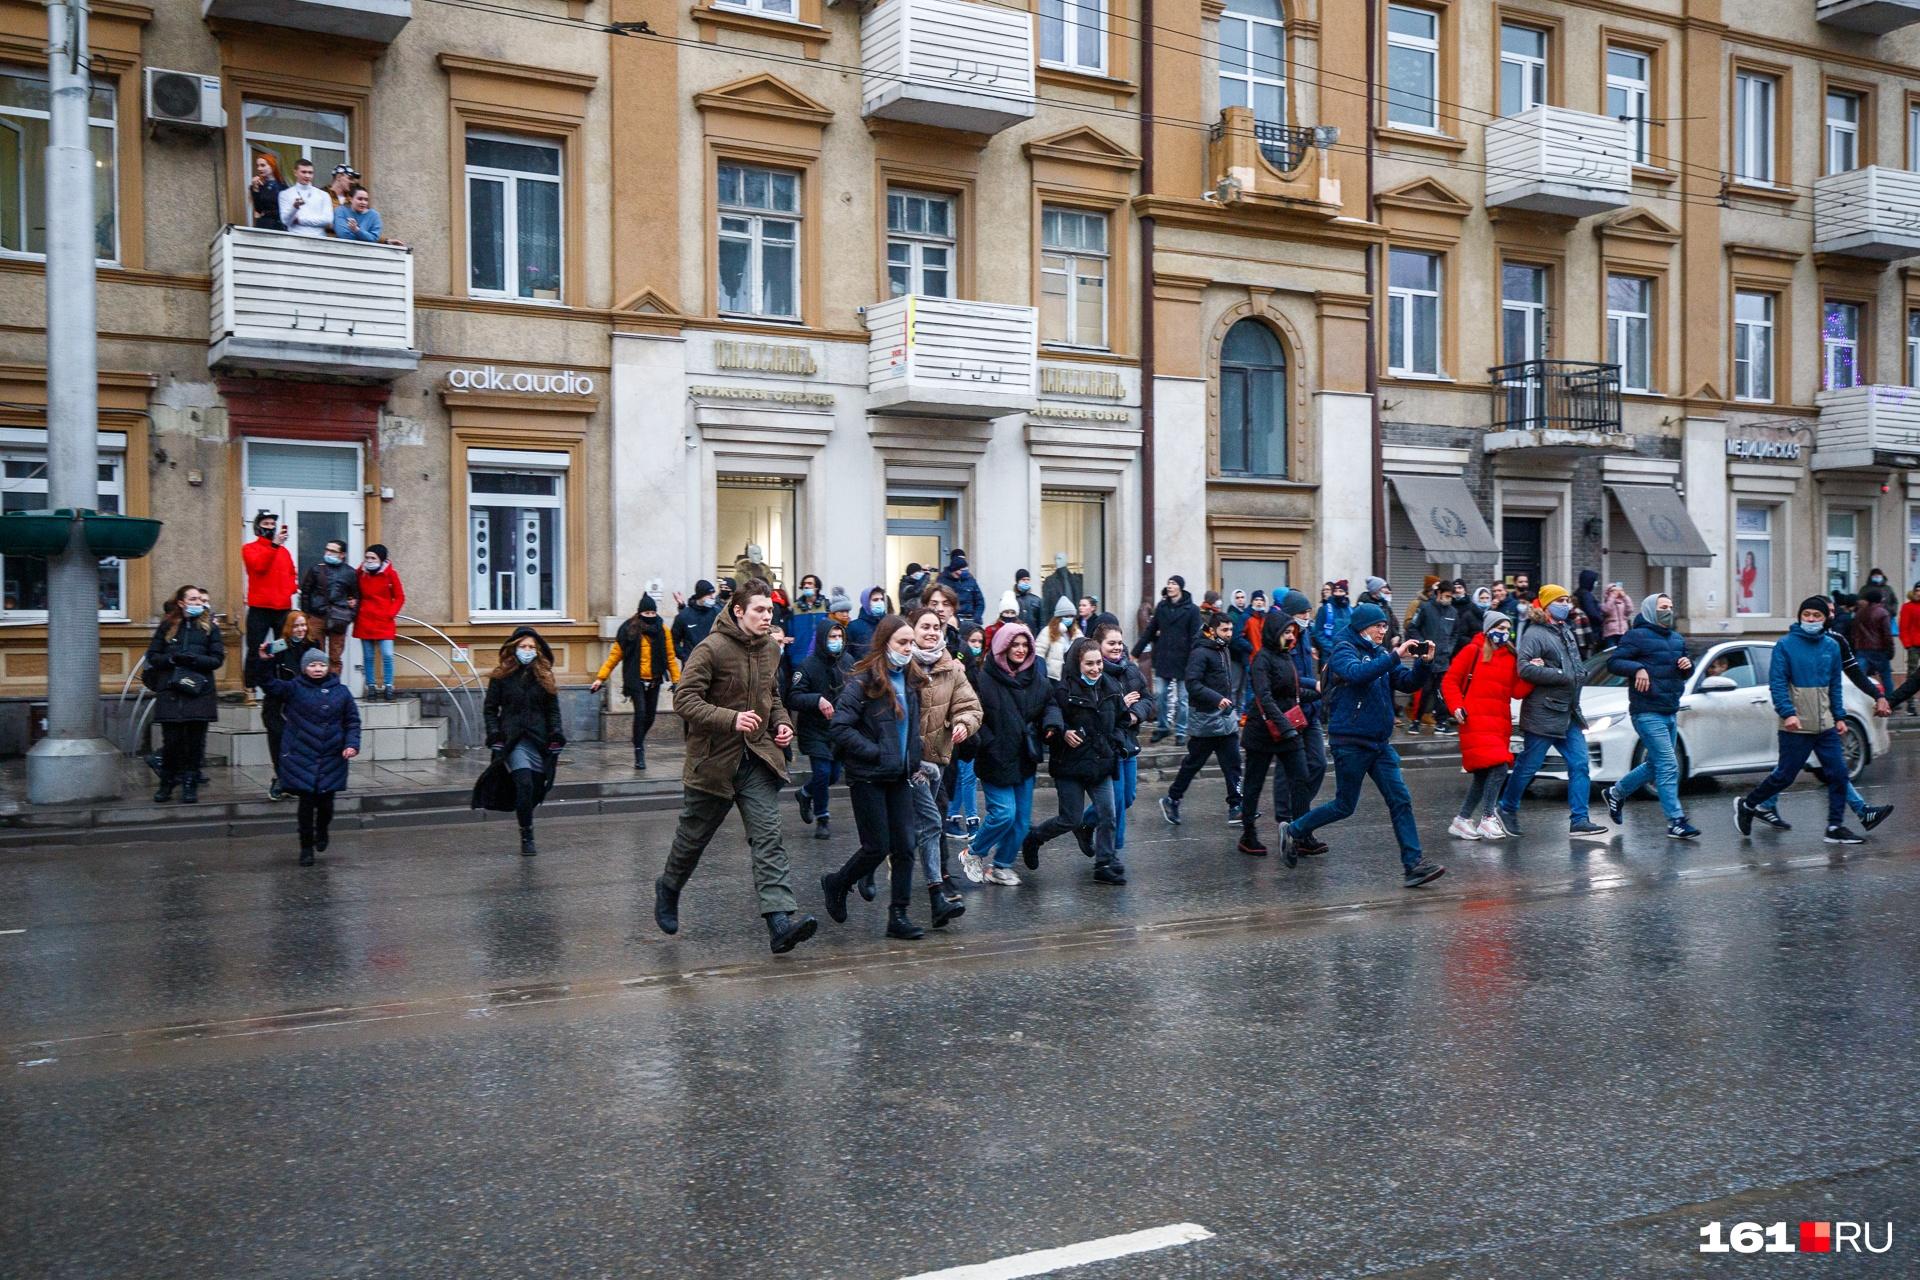 Автомобилисты притормаживали, позволяя толпе перебежать дорогу